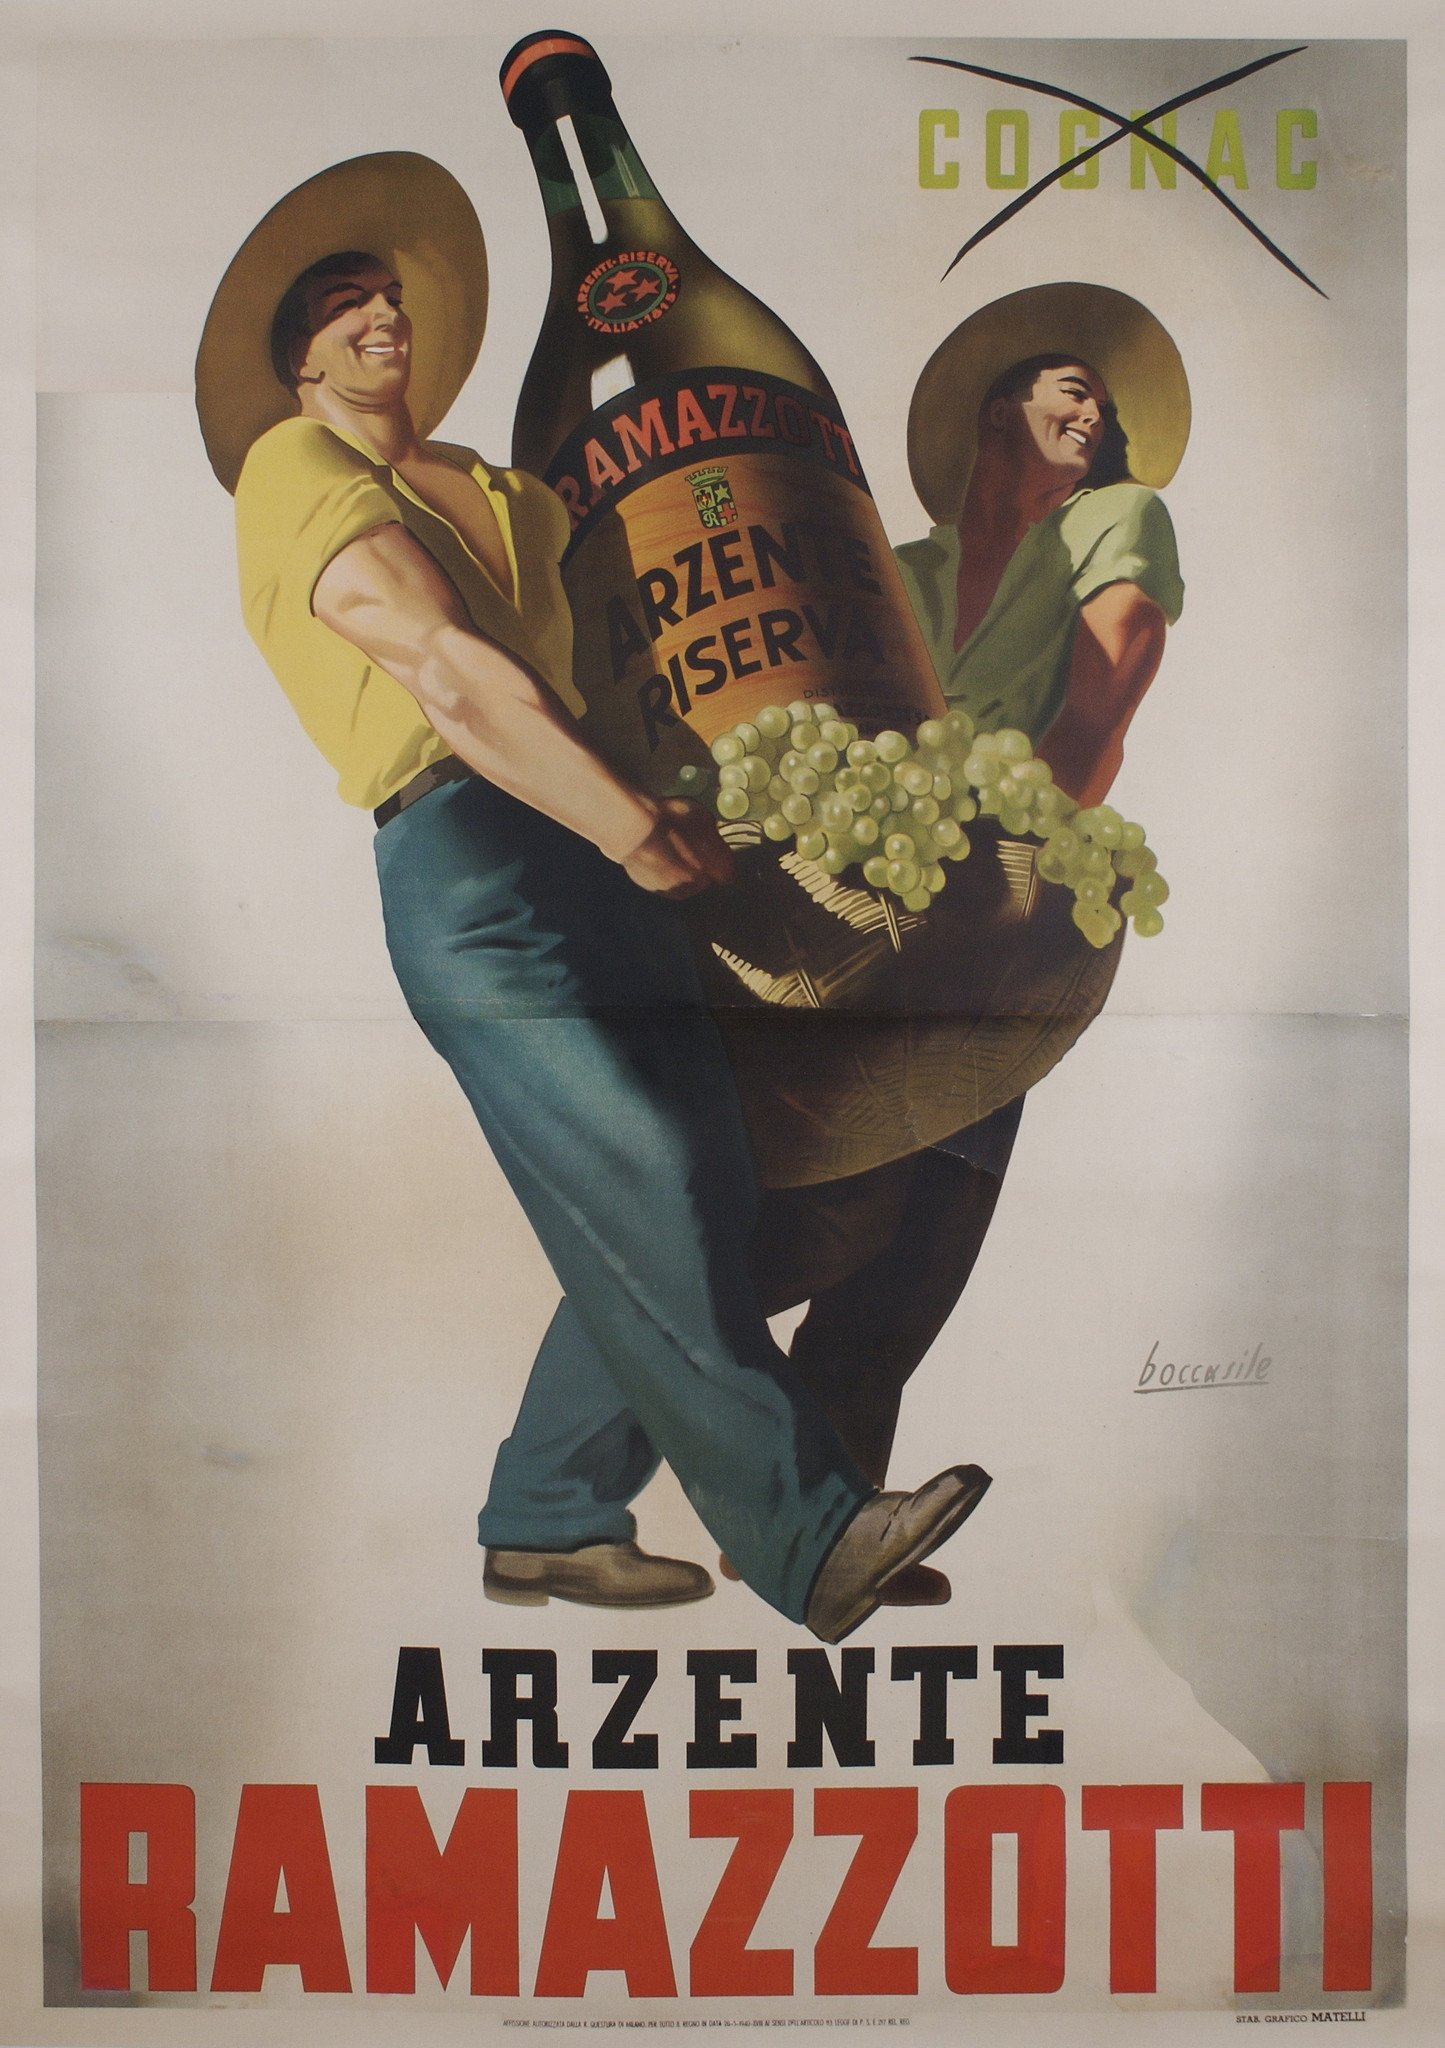 фото рекламы арценте